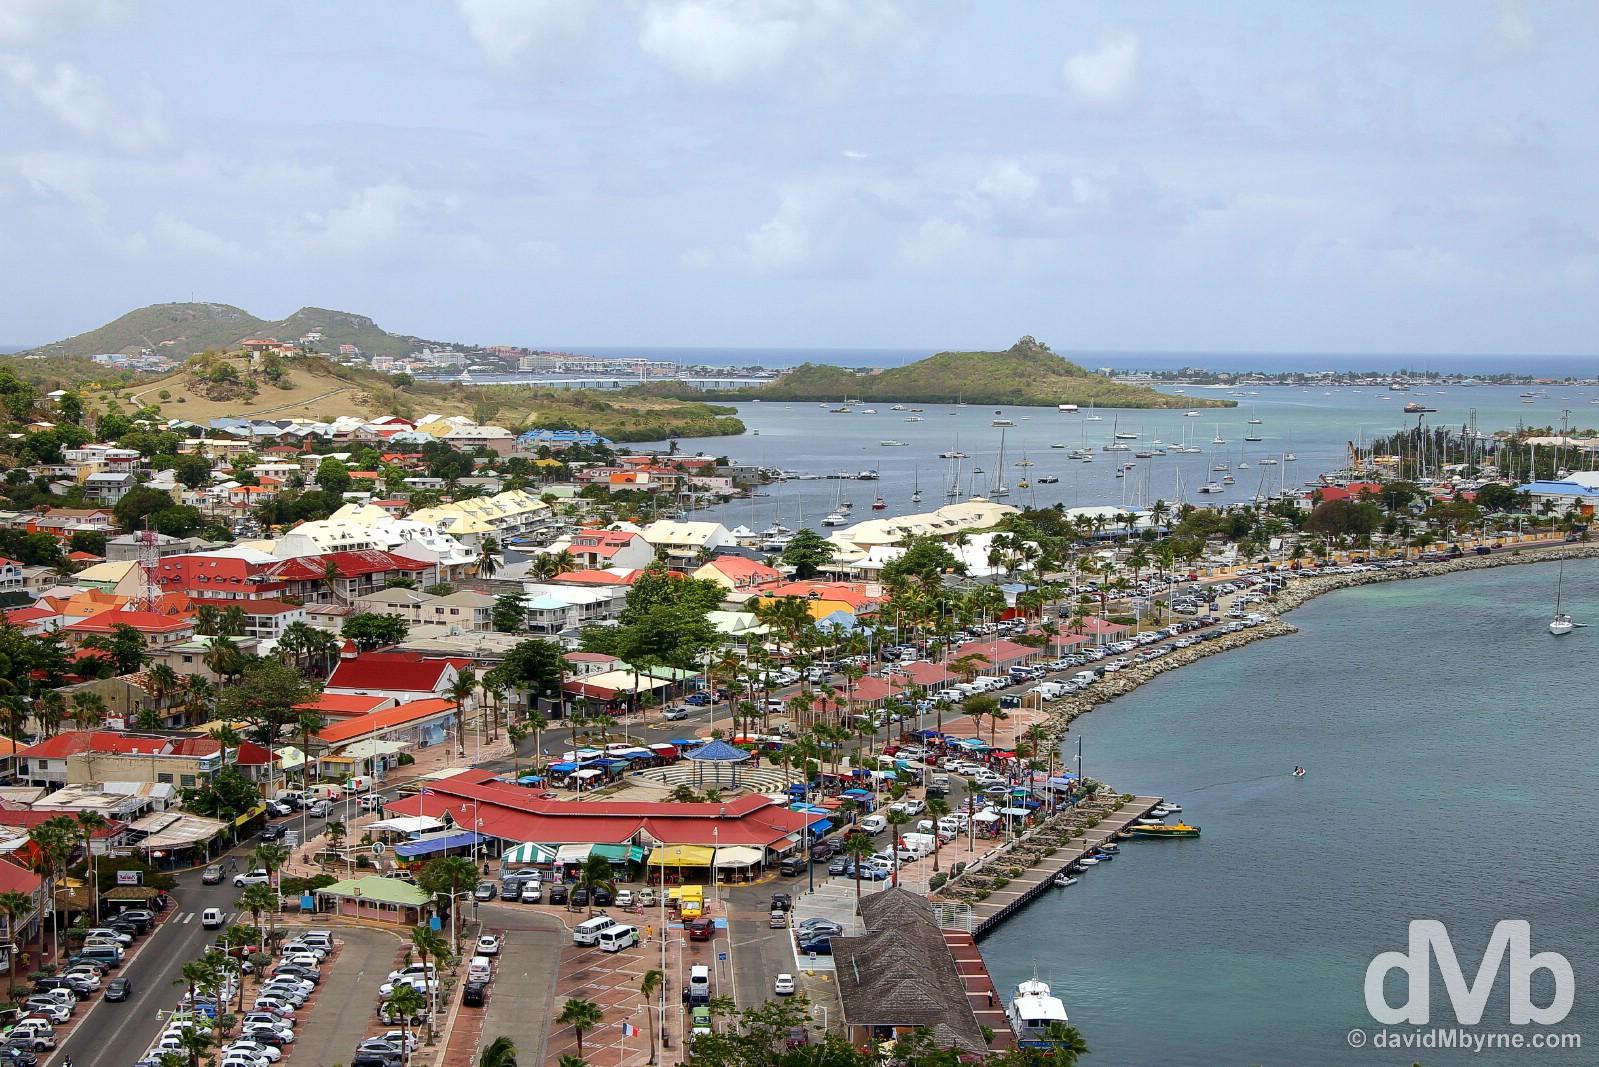 Marigot as seen from Fort Louis. Saint Martin, Lesser Antilles. June 8, 2015.